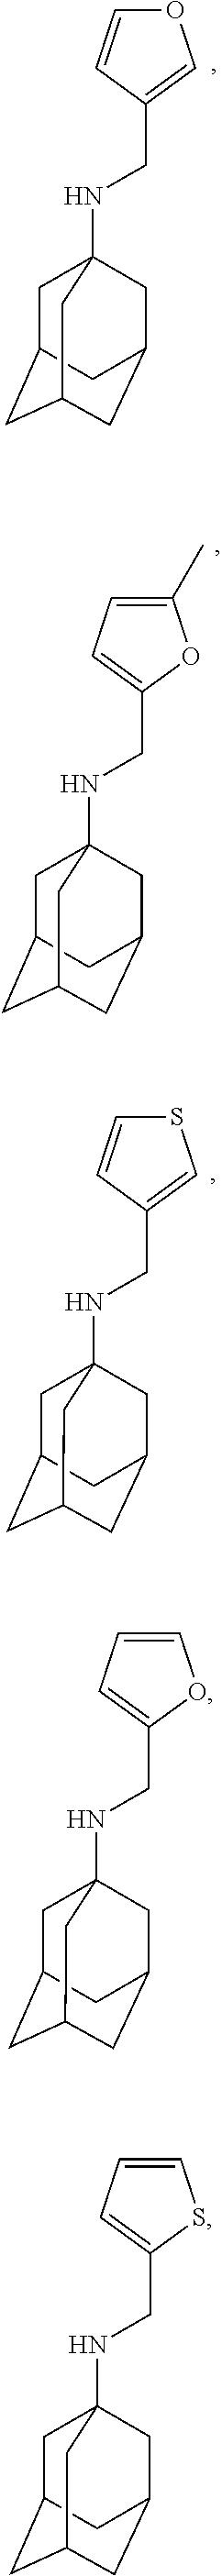 Figure US09884832-20180206-C00178